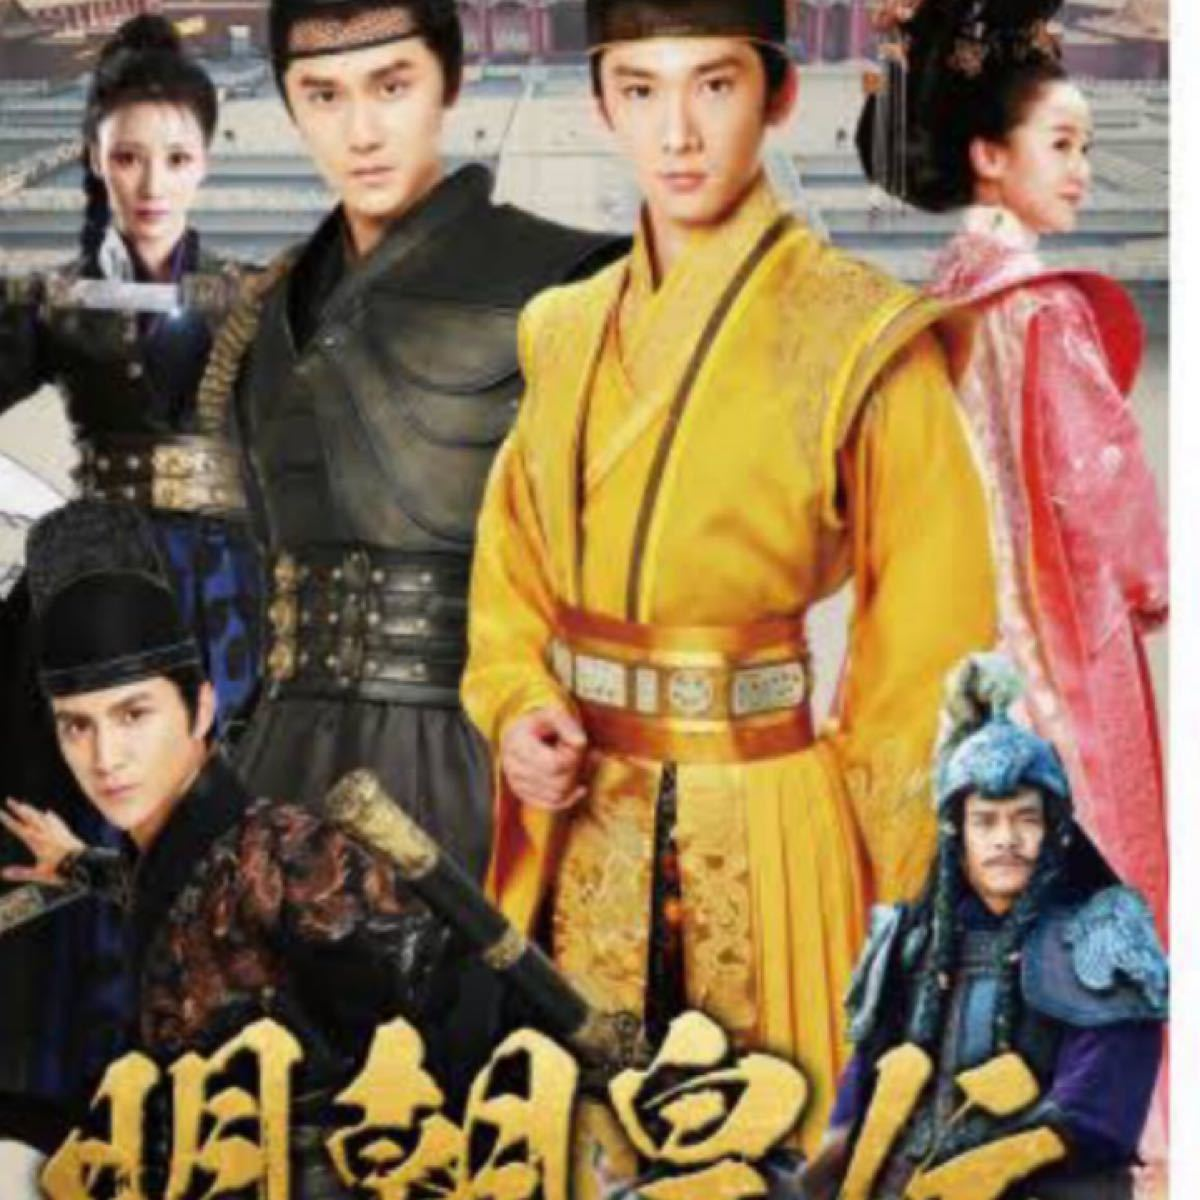 明朝皇伝 全話Blu-ray